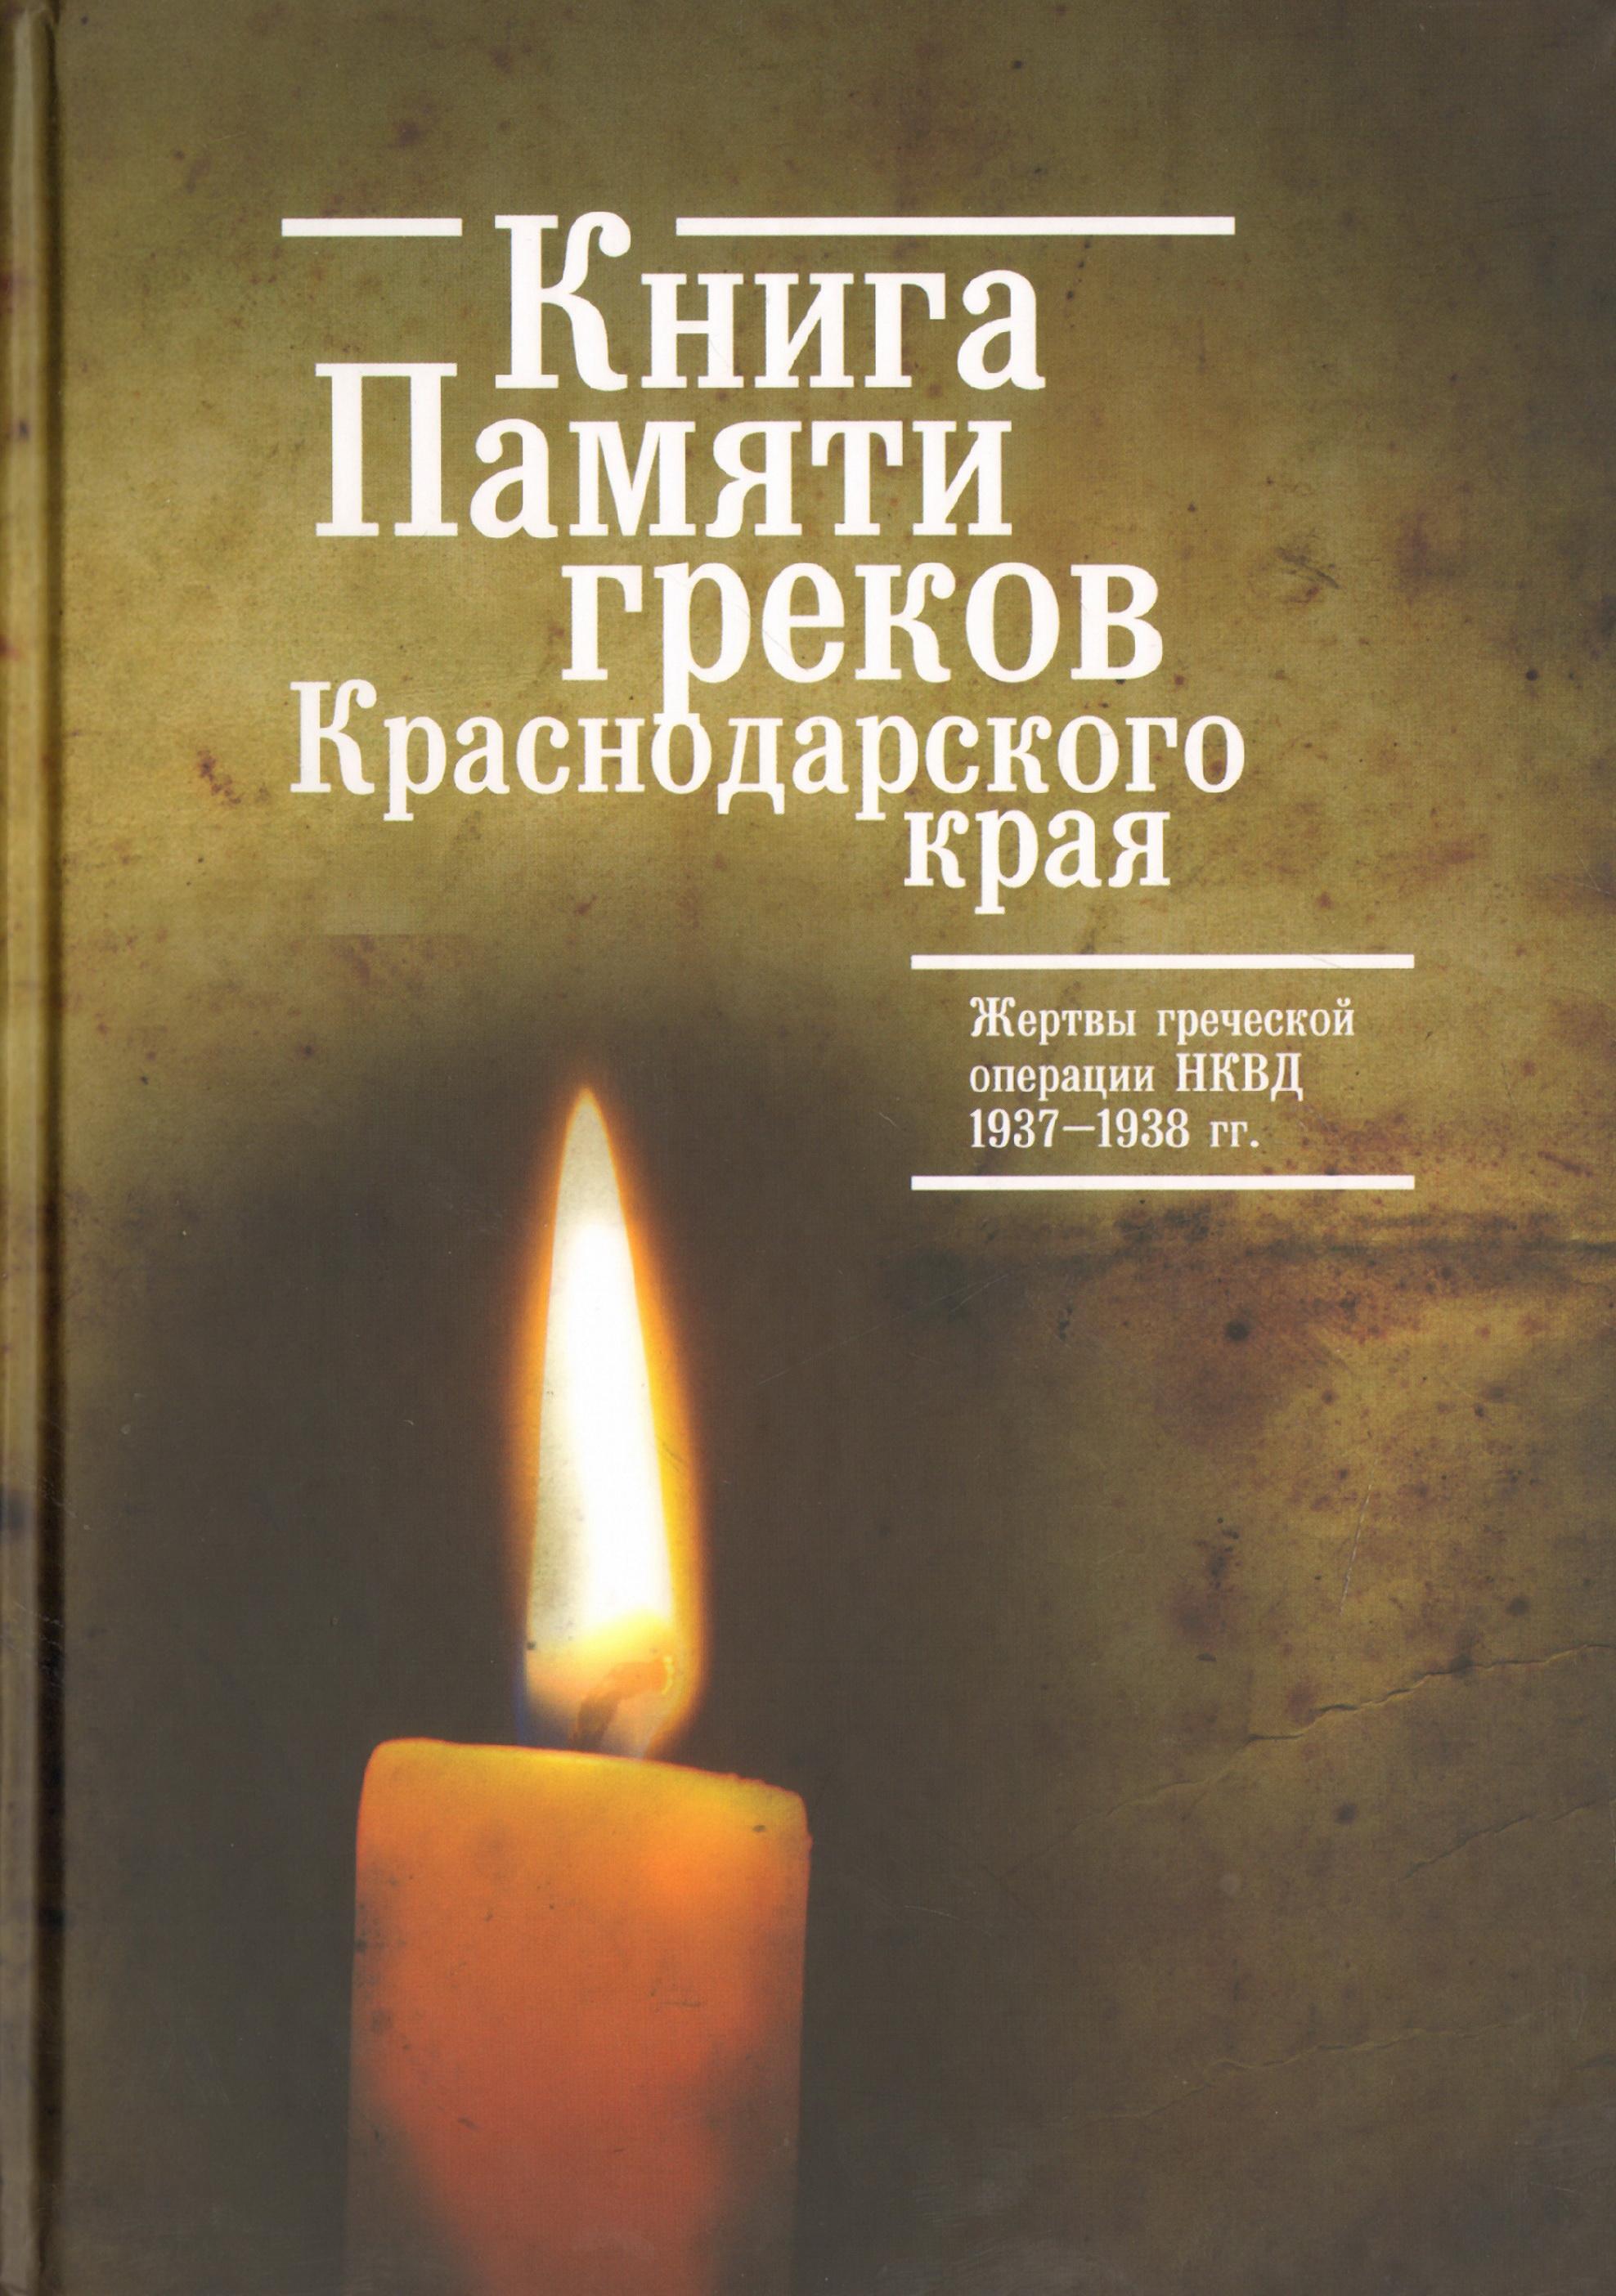 Книга Памяти греков Краснодарского края